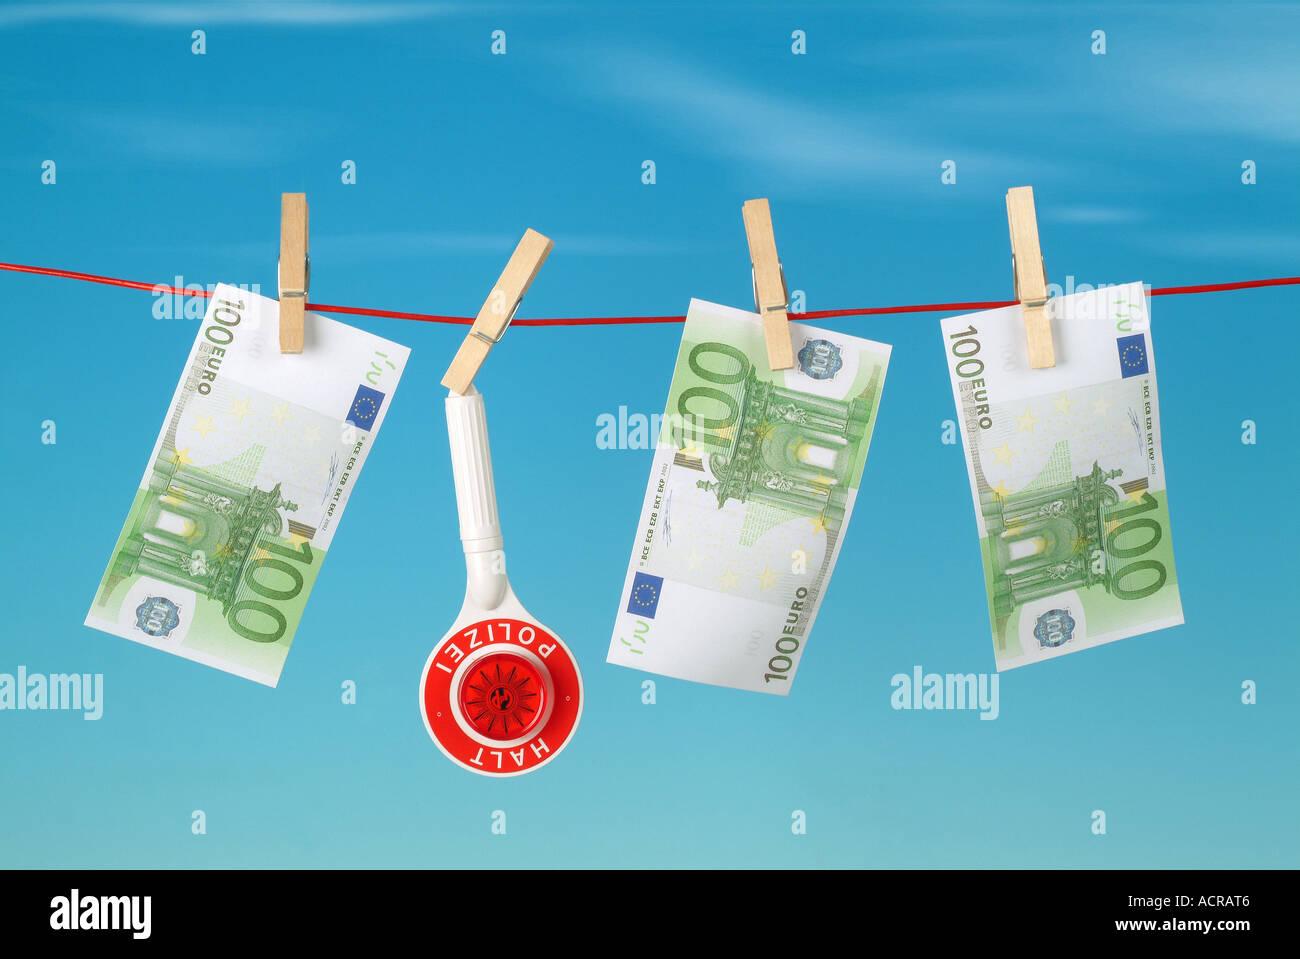 euros on a clothesline Euros und Polizeikelle auf Wäscheleine - Stock Image